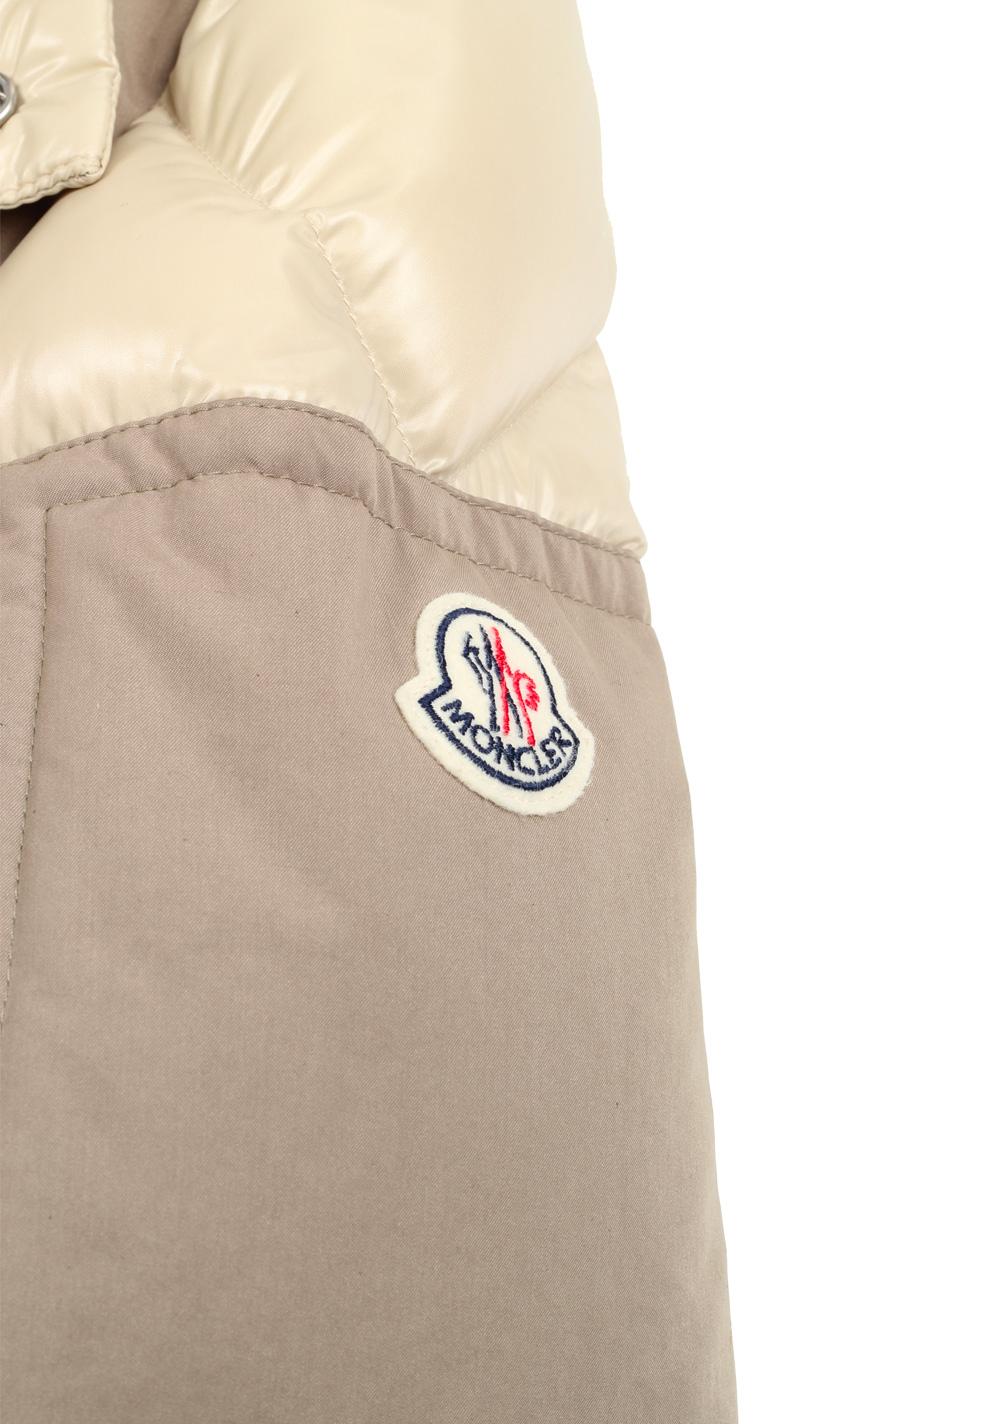 Moncler Beige Frey Down Quilted Jacket Coat Size 4 / L / 52 / 42 U.S.   Costume Limité